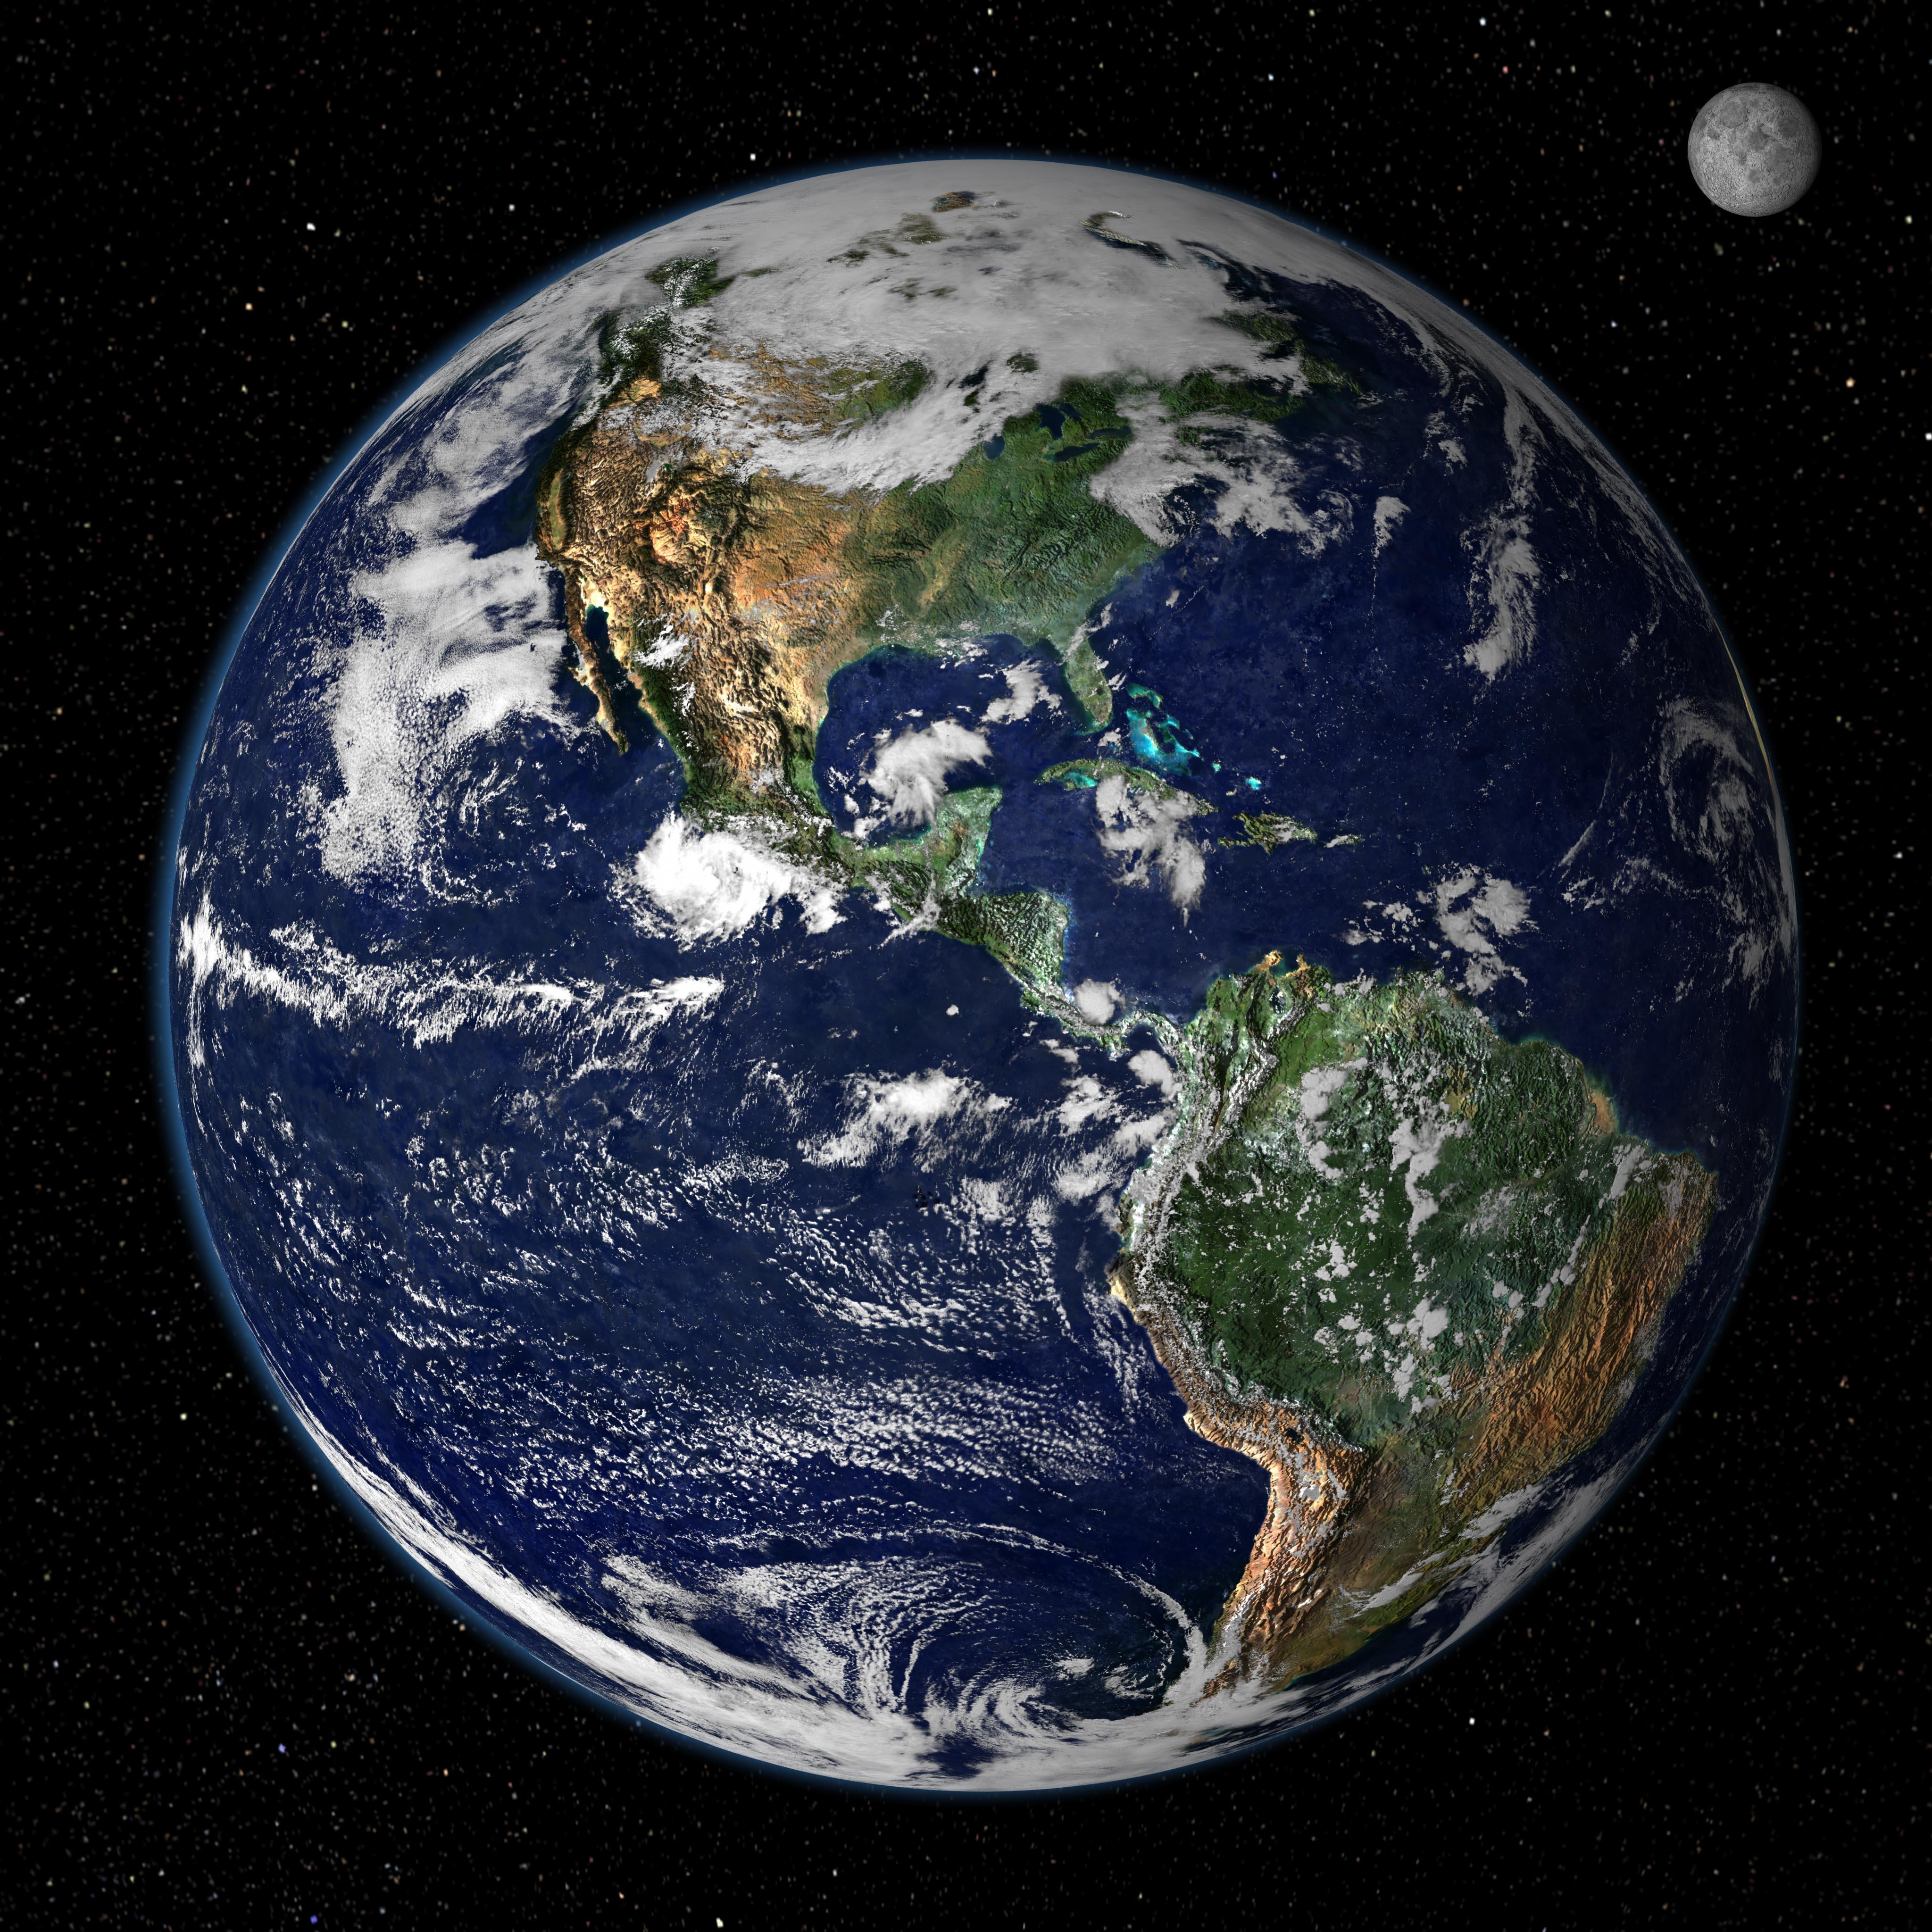 Фото нашей планеты земля идругих планет вокруг не 4